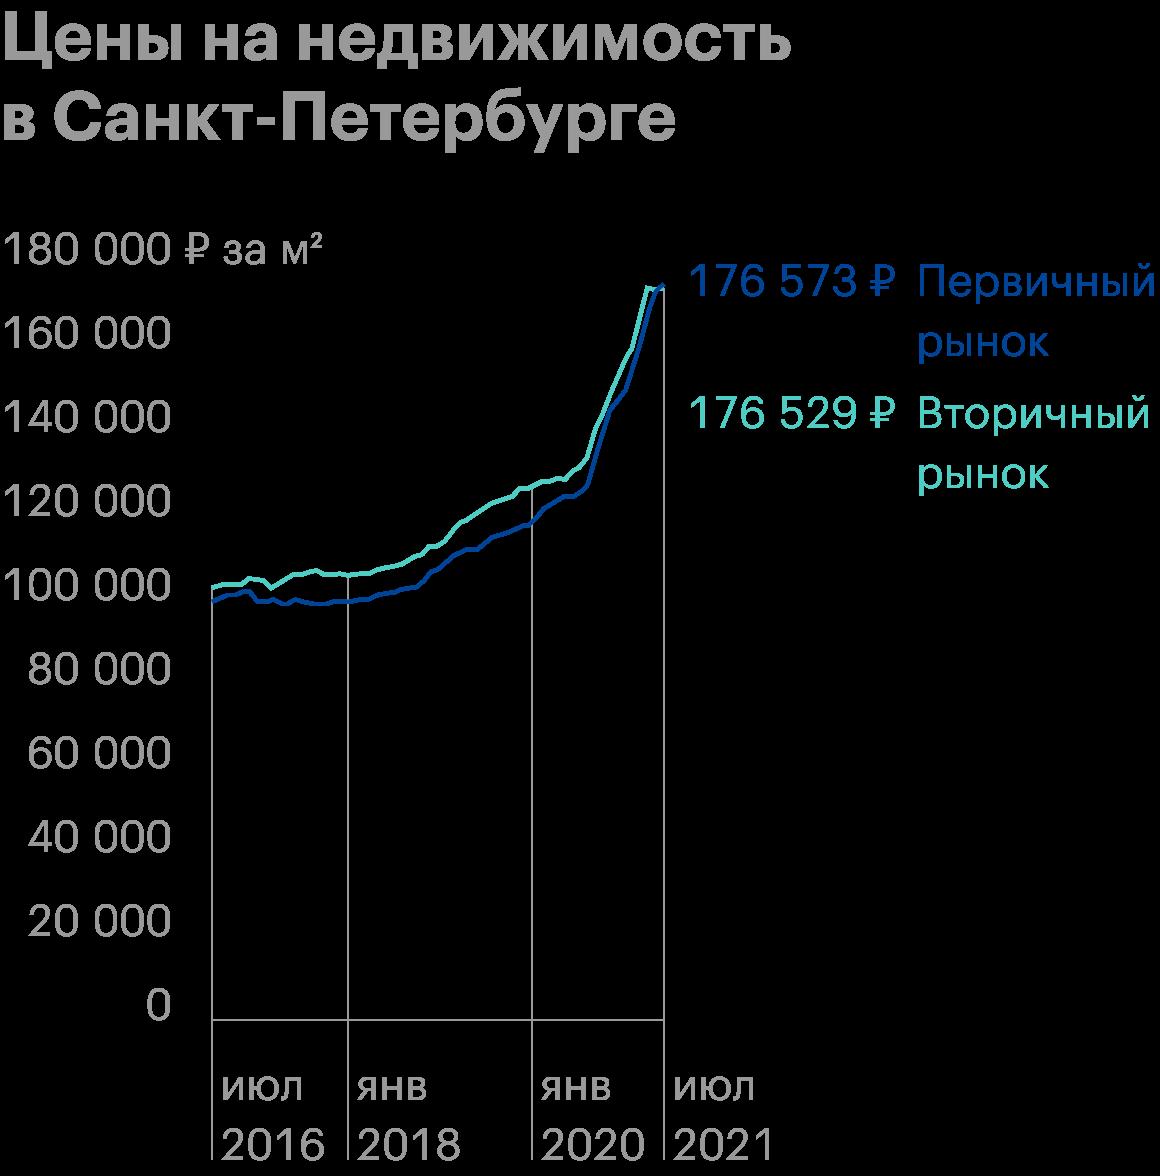 График с сайта «Бюллетень недвижимости» показывает рост цен на недвижимость в Петербурге с 2016 по 2021год